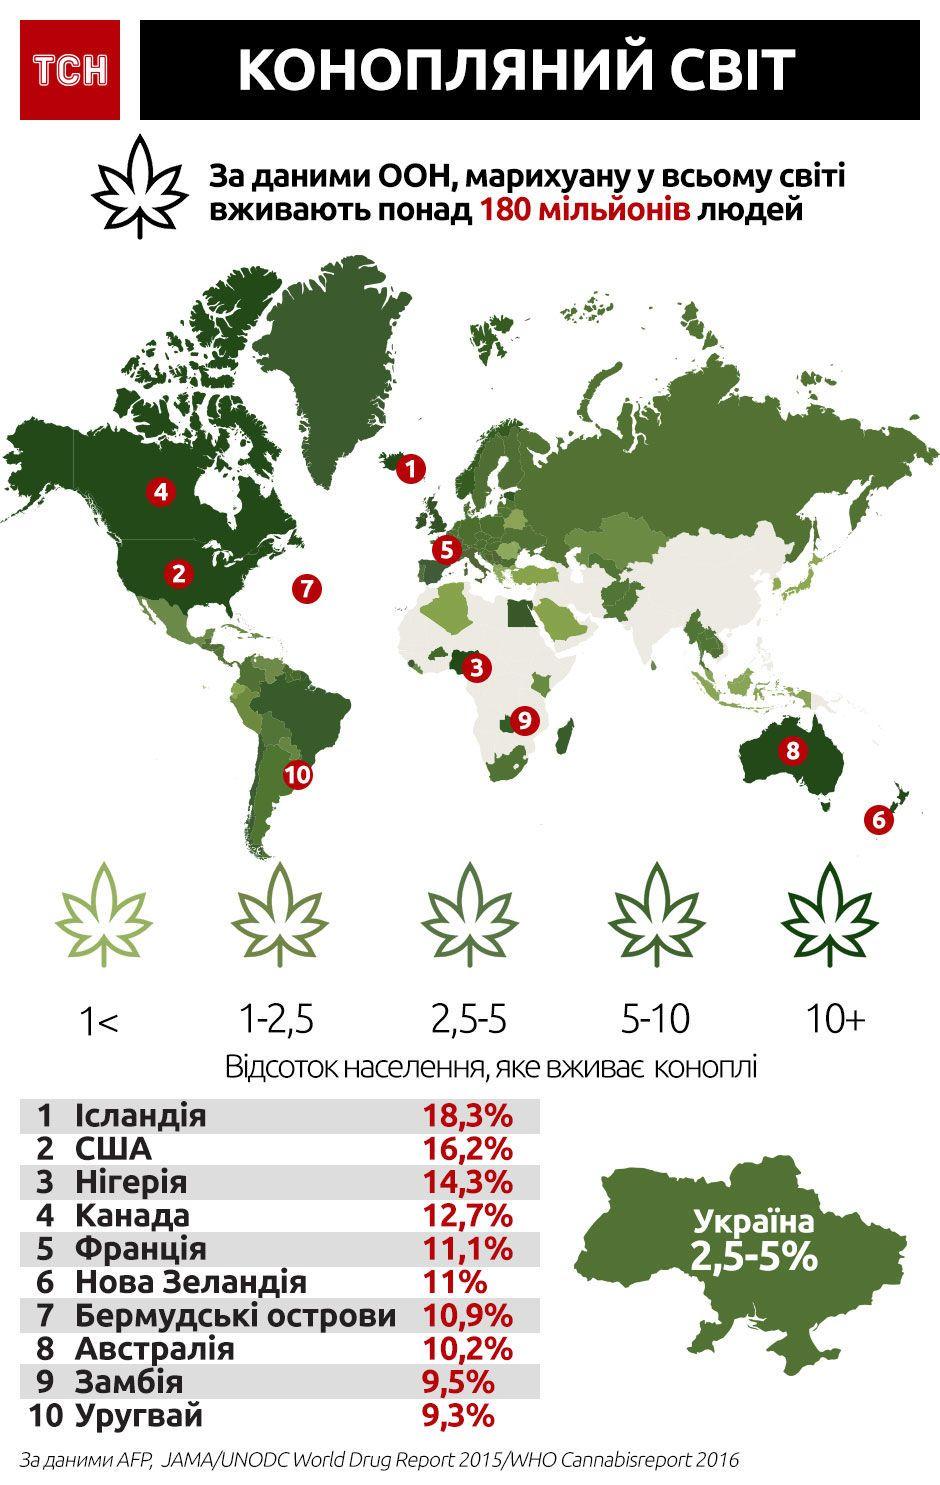 де найбільше вживають марихуану. інфографіка